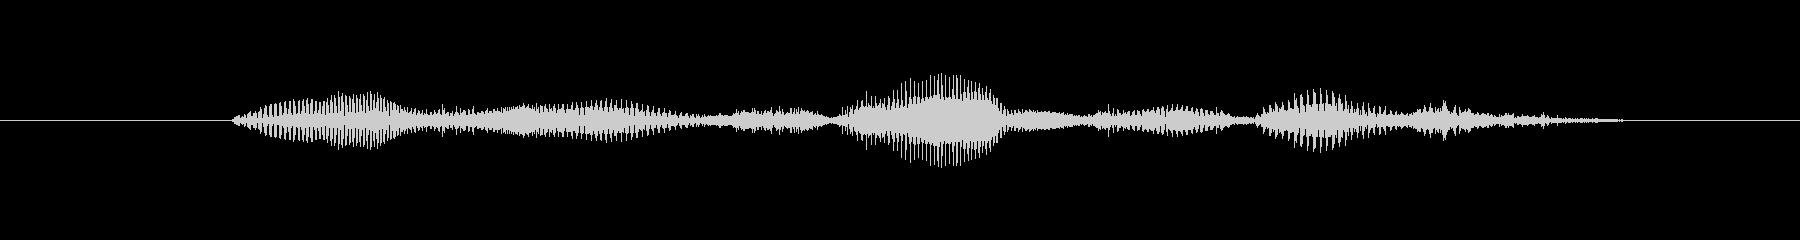 【時報・時間】23時ですの未再生の波形